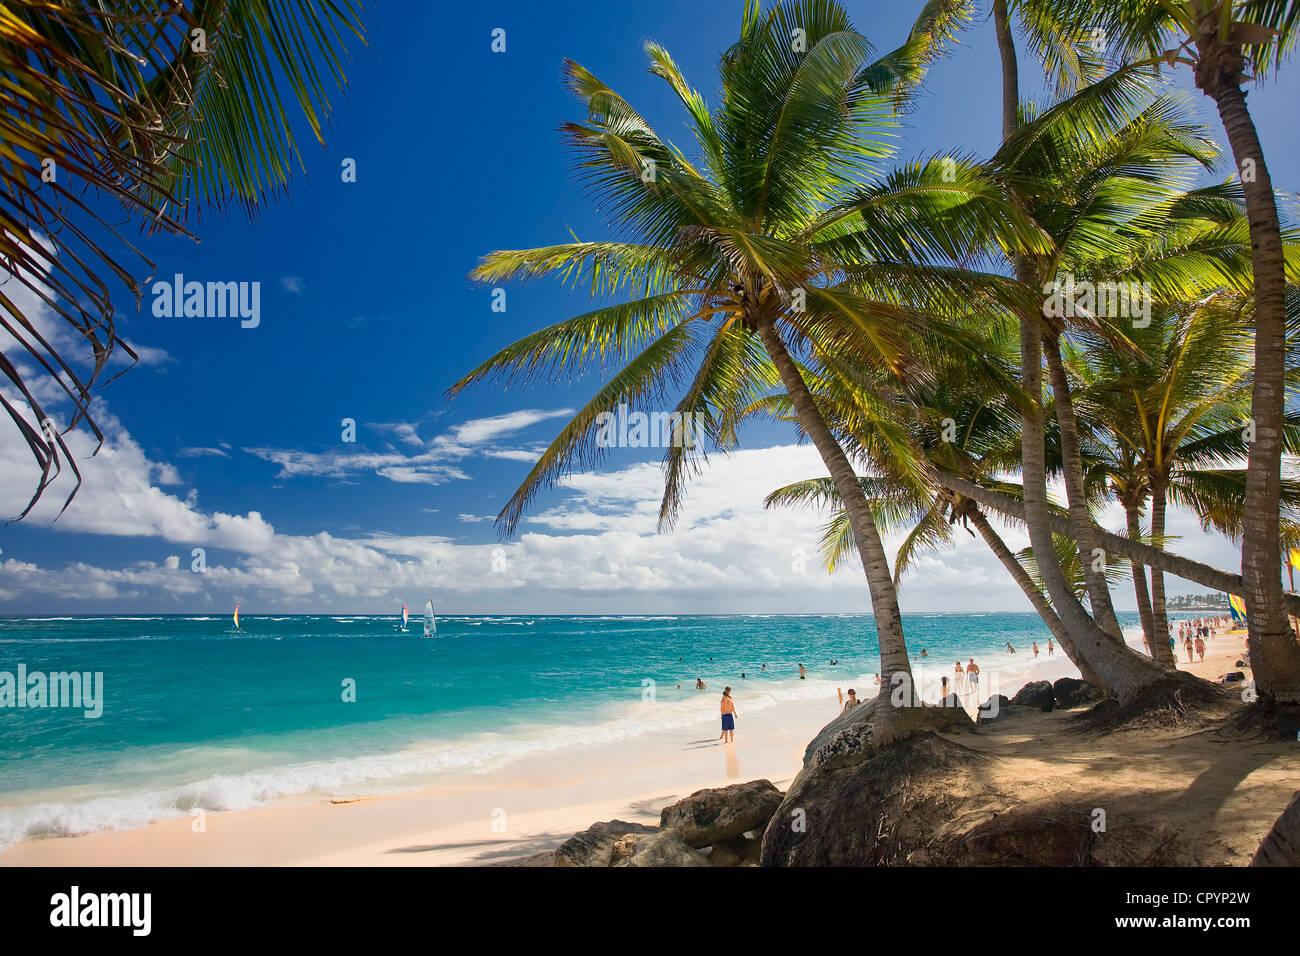 República Dominicana, provincia de La Altagracia, Punta Cana, Playa Bavaro Imagen De Stock